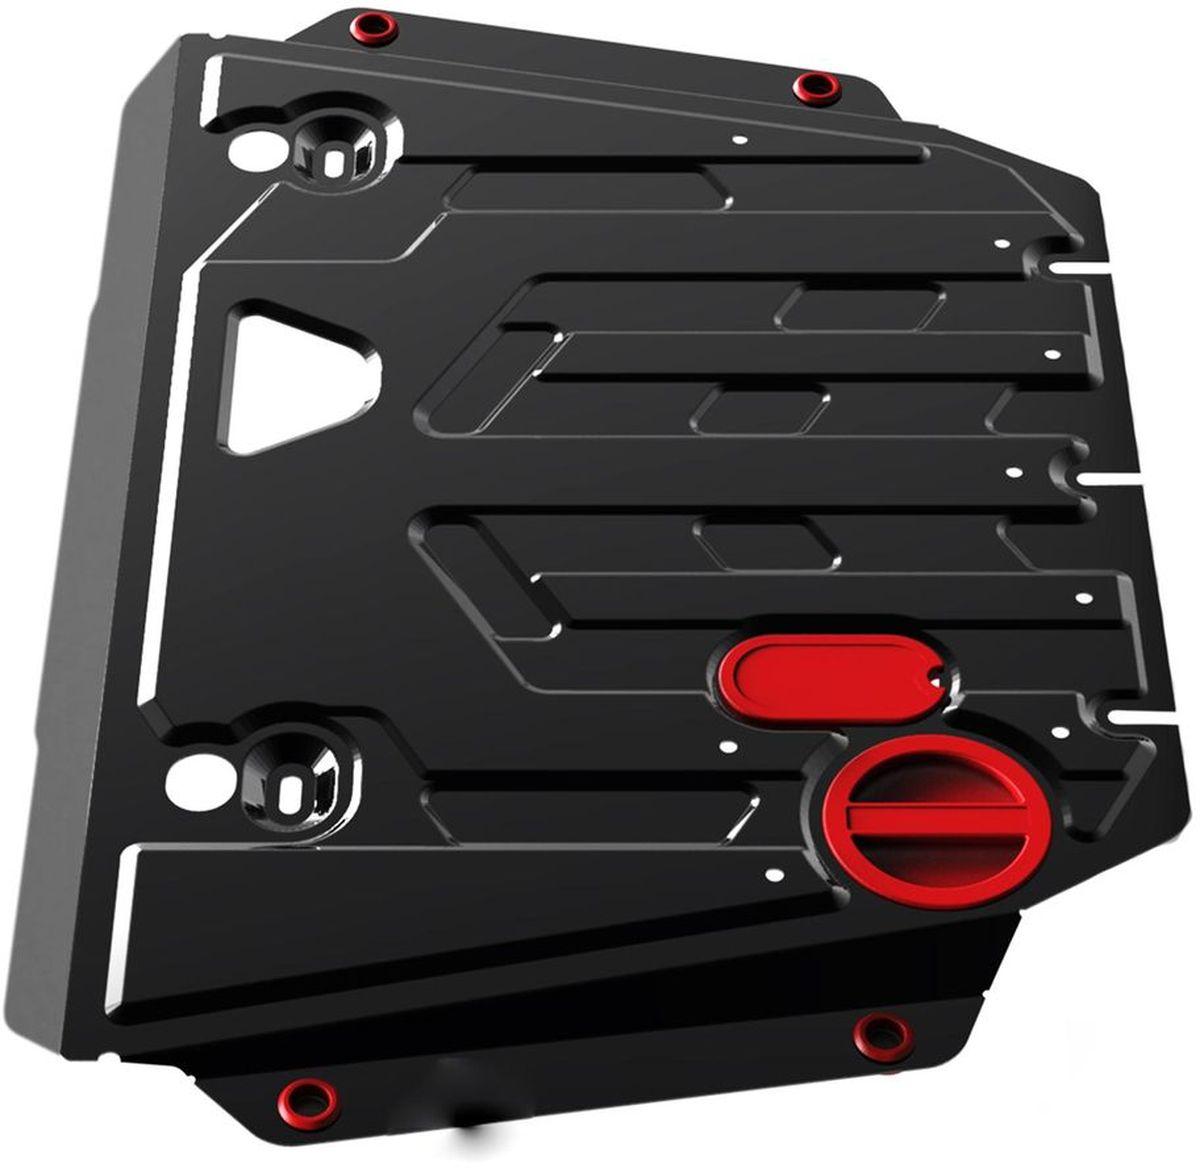 Защита картера Автоброня Lexus LX 470 1998-2007/Toyota Land Cruiser 100 1998-2007, сталь 2 мм111.05752.1Защита картера Автоброня для Lexus LX 470, V - 4,7i 1998-2007/Toyota Land Cruiser 100, V - 4,2D; 4,7i 1998-2007, сталь 2 мм, комплект крепежа, 111.05752.1Дополнительно можно приобрести другие защитные элементы из комплекта: защита КПП - 111.05753.1Стальные защиты Автоброня надежно защищают ваш автомобиль от повреждений при наезде на бордюры, выступающие канализационные люки, кромки поврежденного асфальта или при ремонте дорог, не говоря уже о загородных дорогах.- Имеют оптимальное соотношение цена-качество.- Спроектированы с учетом особенностей автомобиля, что делает установку удобной.- Защита устанавливается в штатные места кузова автомобиля.- Является надежной защитой для важных элементов на протяжении долгих лет.- Глубокий штамп дополнительно усиливает конструкцию защиты.- Подштамповка в местах крепления защищает крепеж от срезания.- Технологические отверстия там, где они необходимы для смены масла и слива воды, оборудованные заглушками, закрепленными на защите.Толщина стали 2 мм.В комплекте крепеж и инструкция по установке.Уважаемые клиенты!Обращаем ваше внимание на тот факт, что защита имеет форму, соответствующую модели данного автомобиля. Наличие глубокого штампа и лючков для смены фильтров/масла предусмотрено не на всех защитах. Фото служит для визуального восприятия товара.